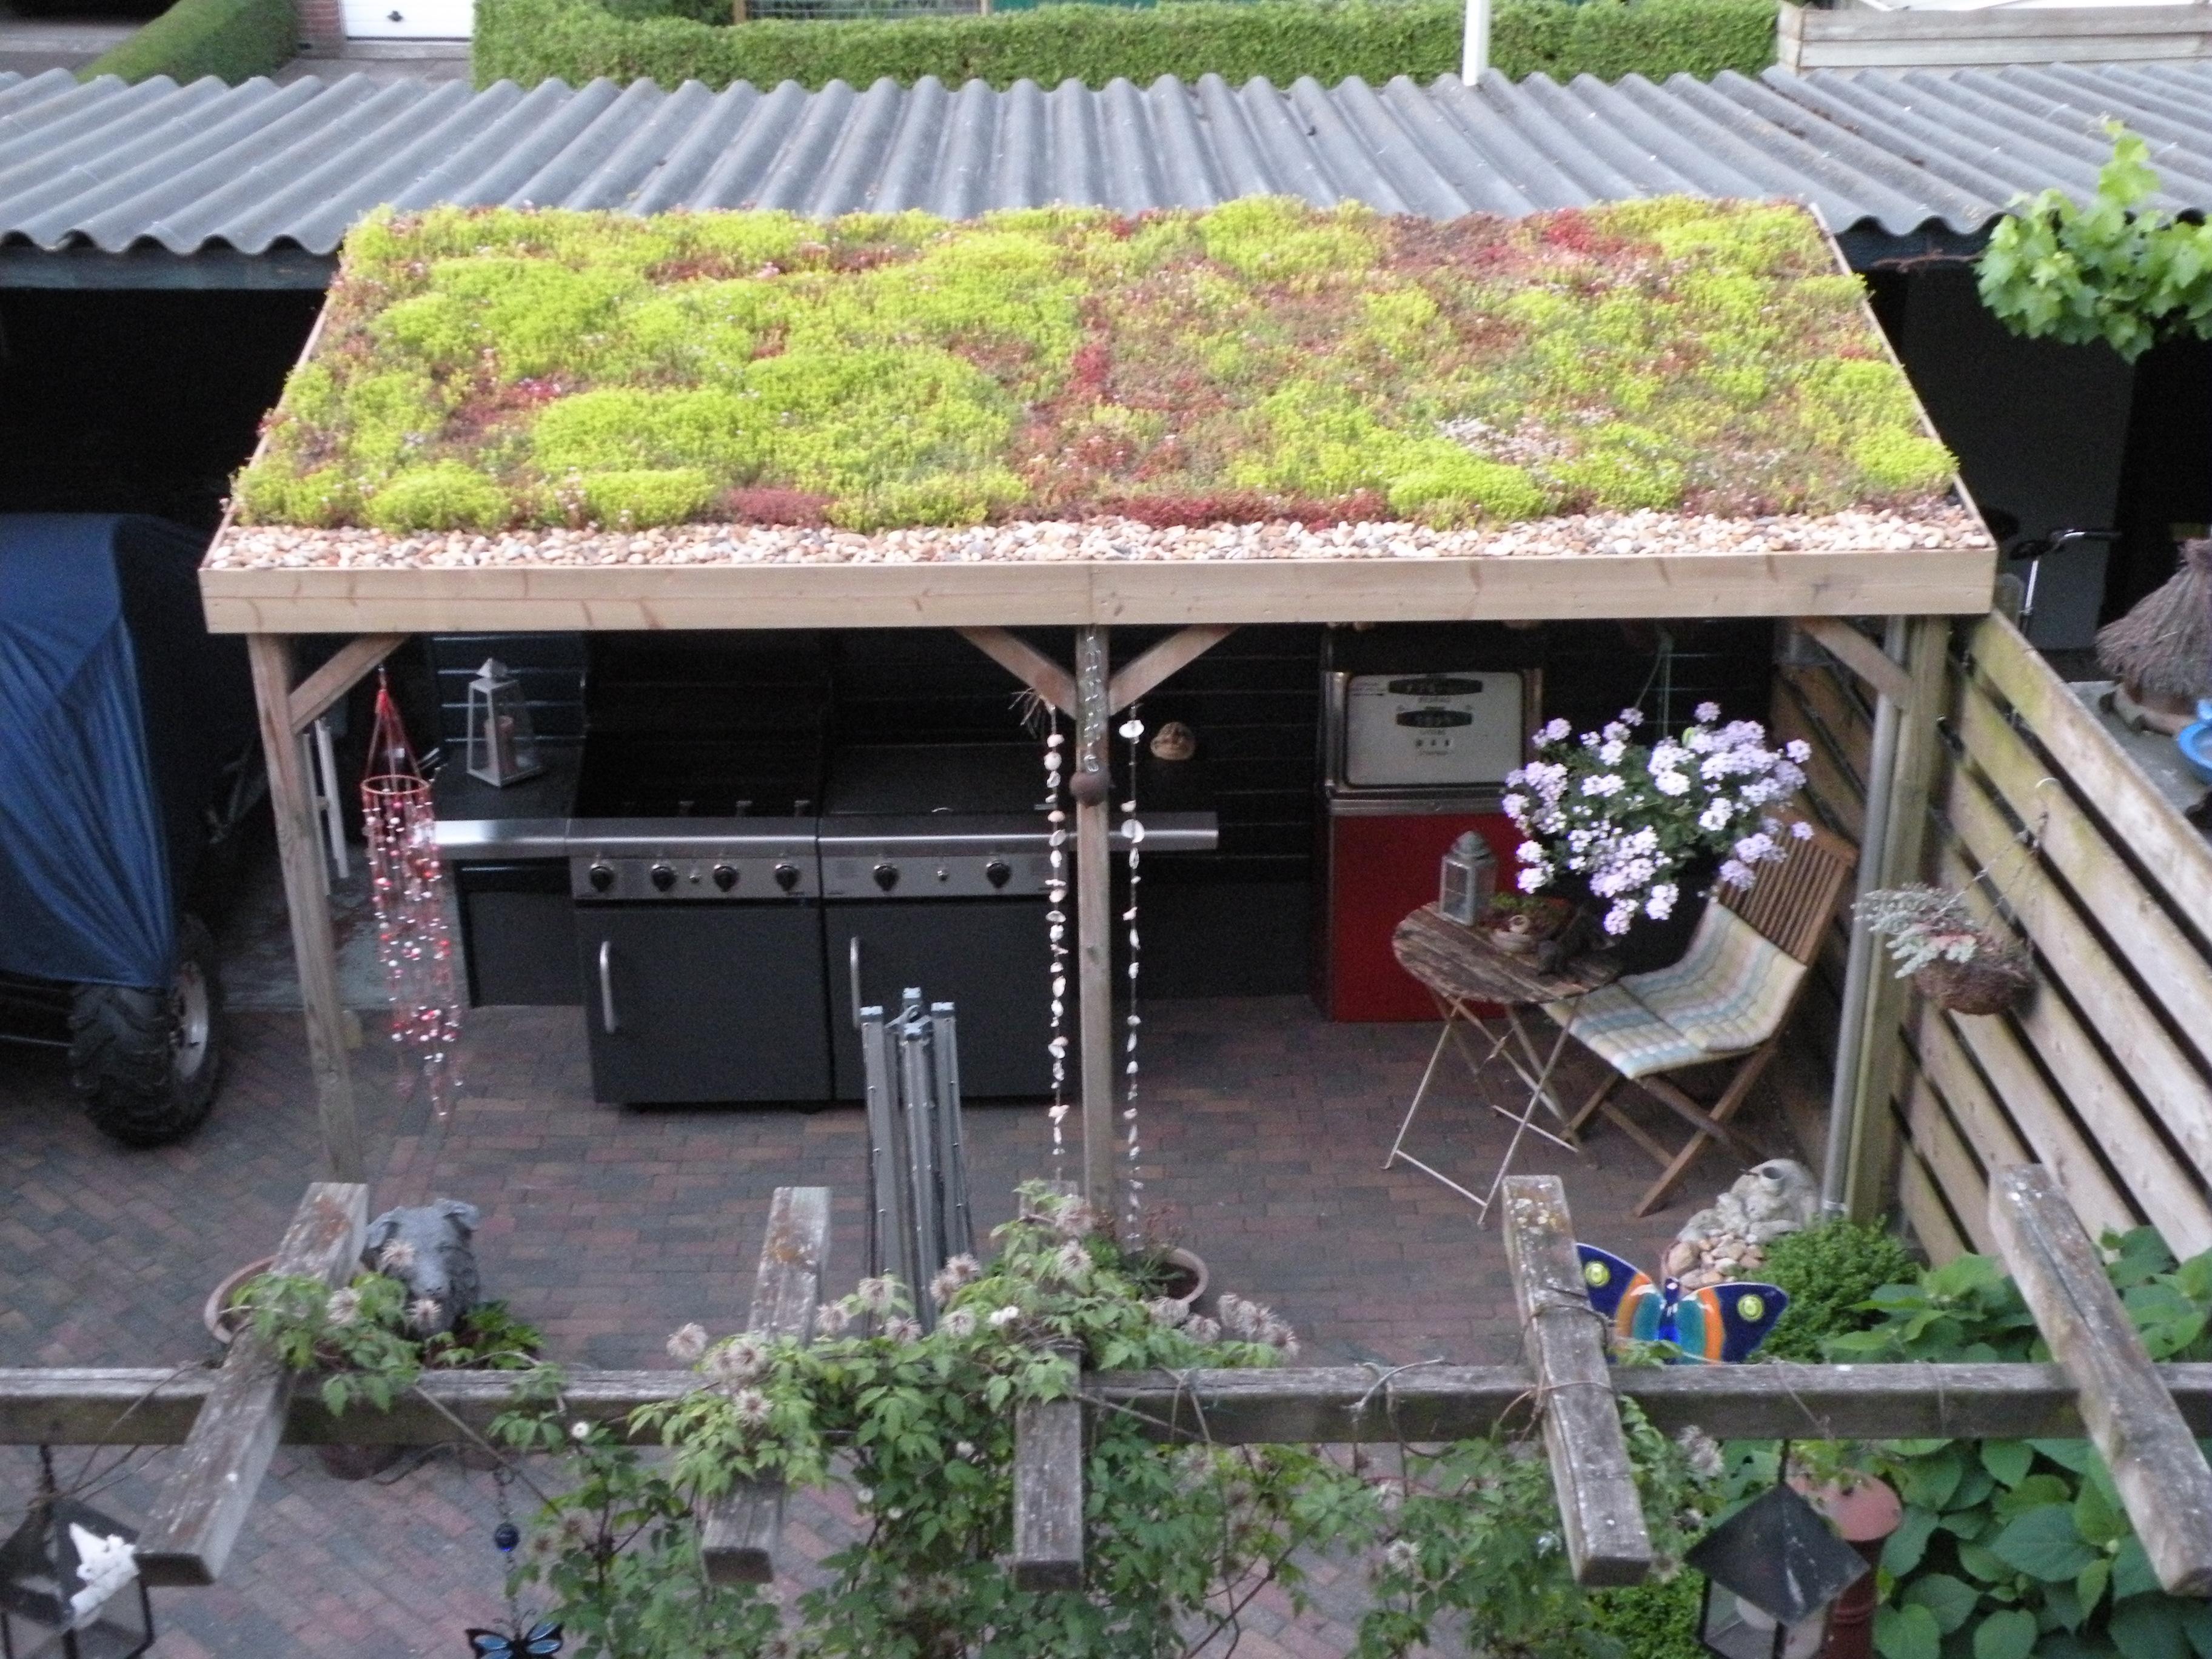 Groendak een dak vol vetplantjes groendak - Kleine prieel ...